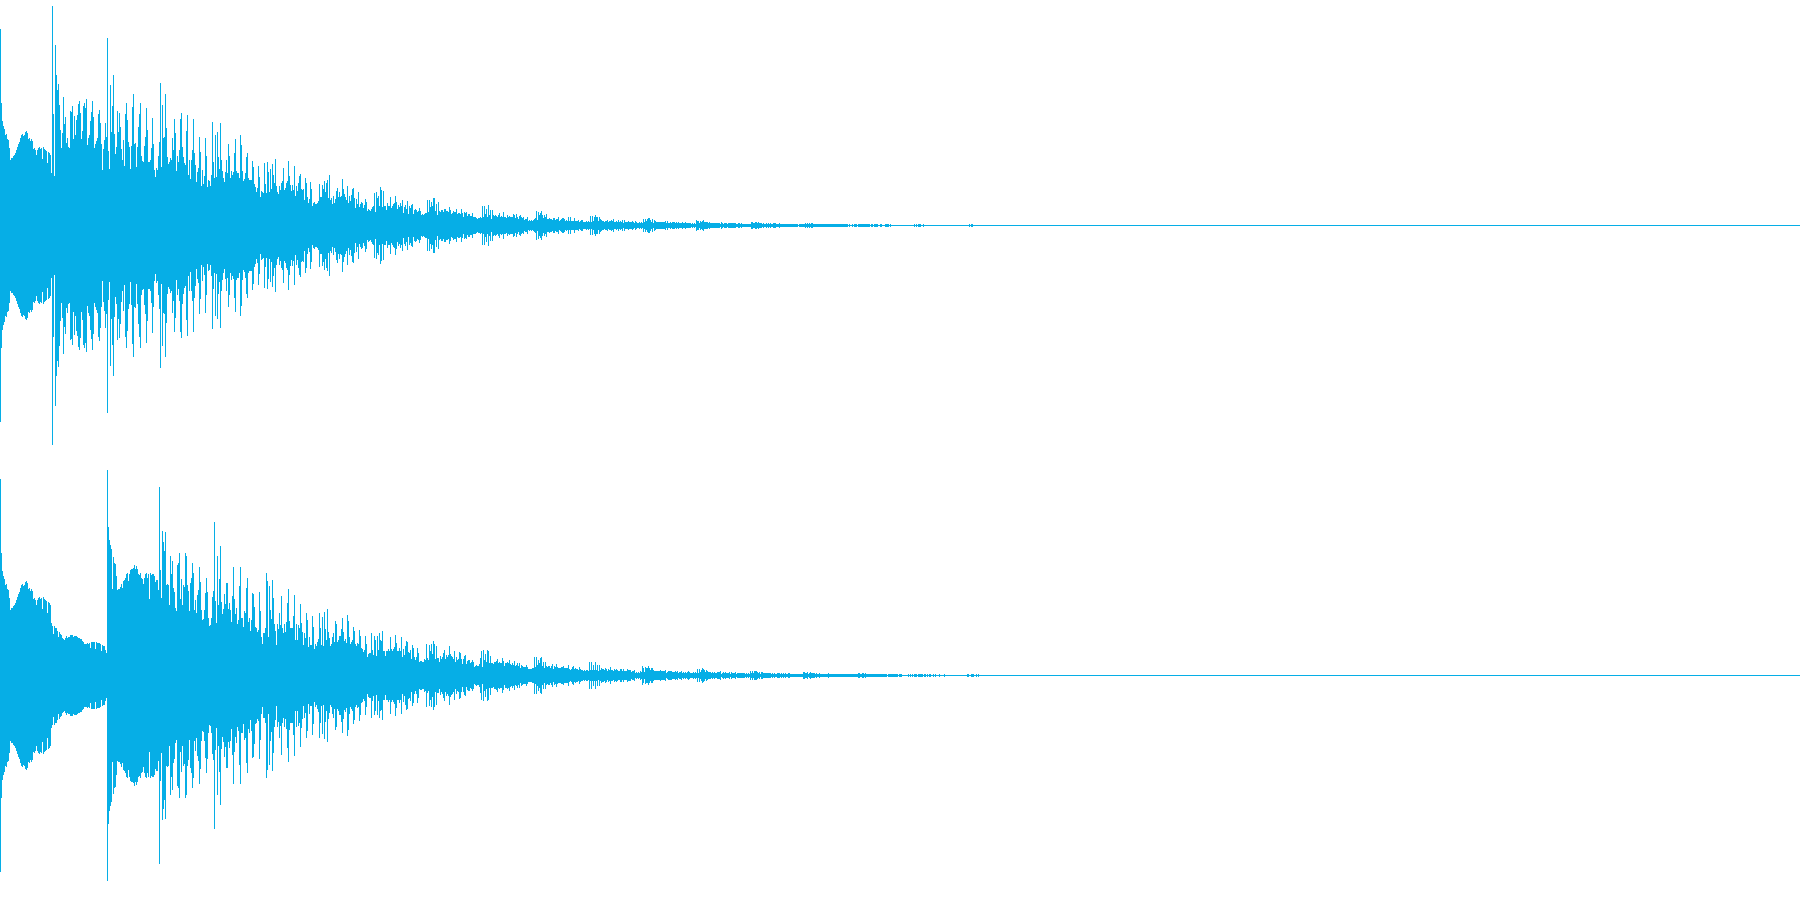 ピュリリリリリリリィ・・の再生済みの波形